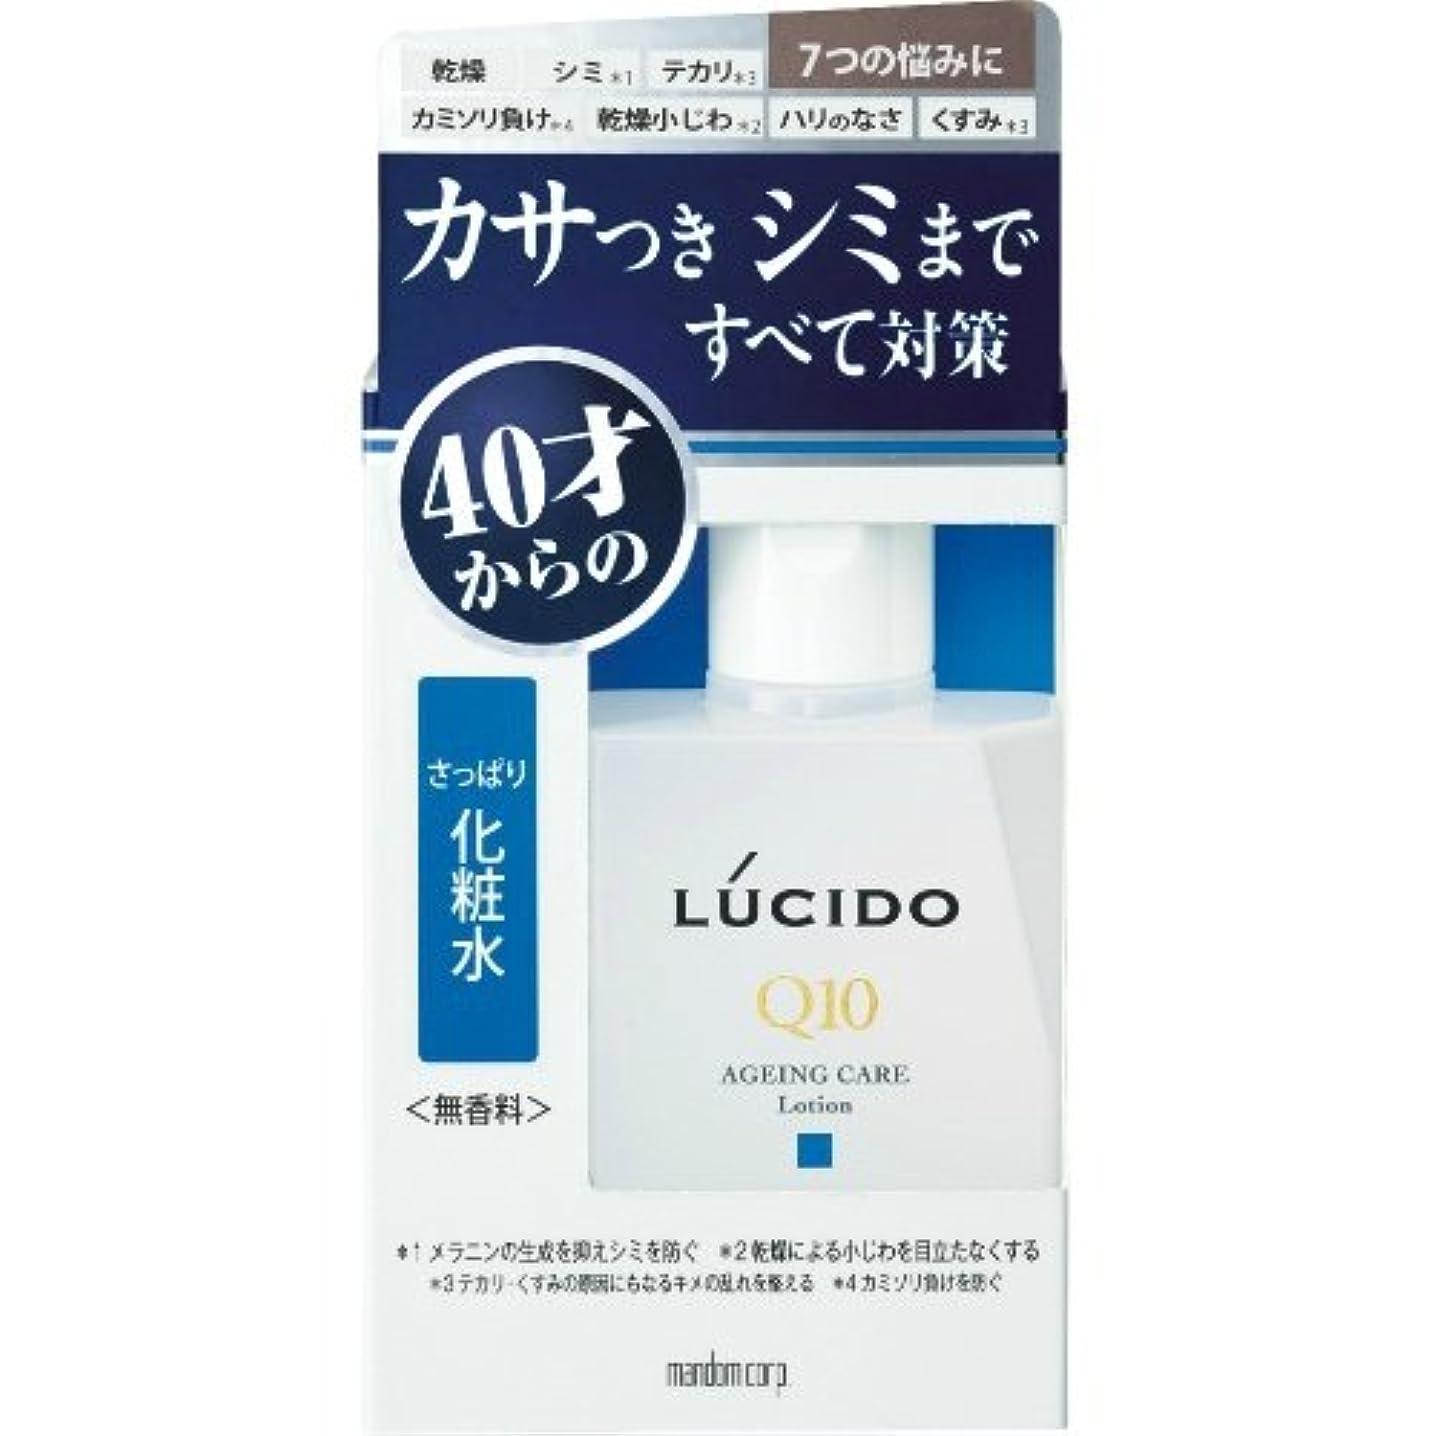 陰気吸い込む遅滞MANDOM マンダム ルシード 薬用トータルケア さっぱり化粧水 無香料 110ml ×3点セット(4902806107296)